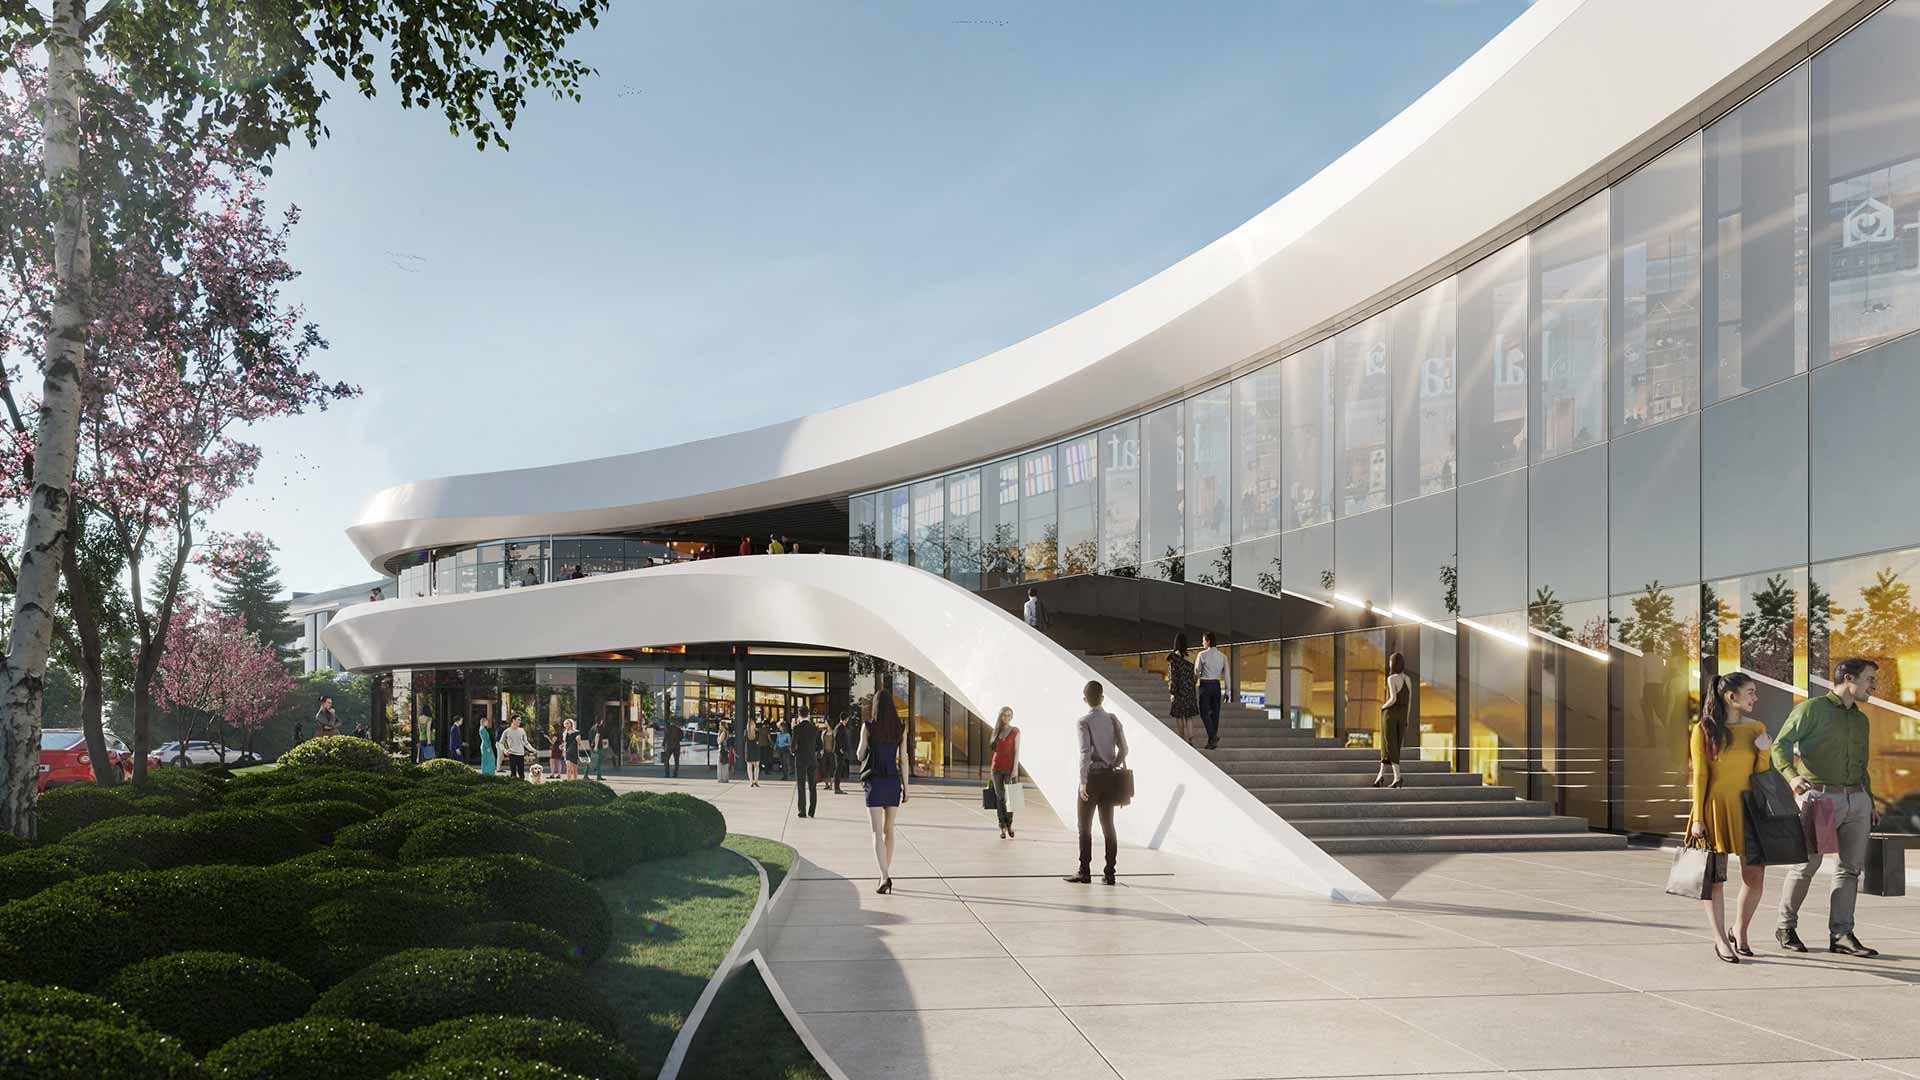 LaFinca levantará un centro comercial en Madrid de 40 Millones